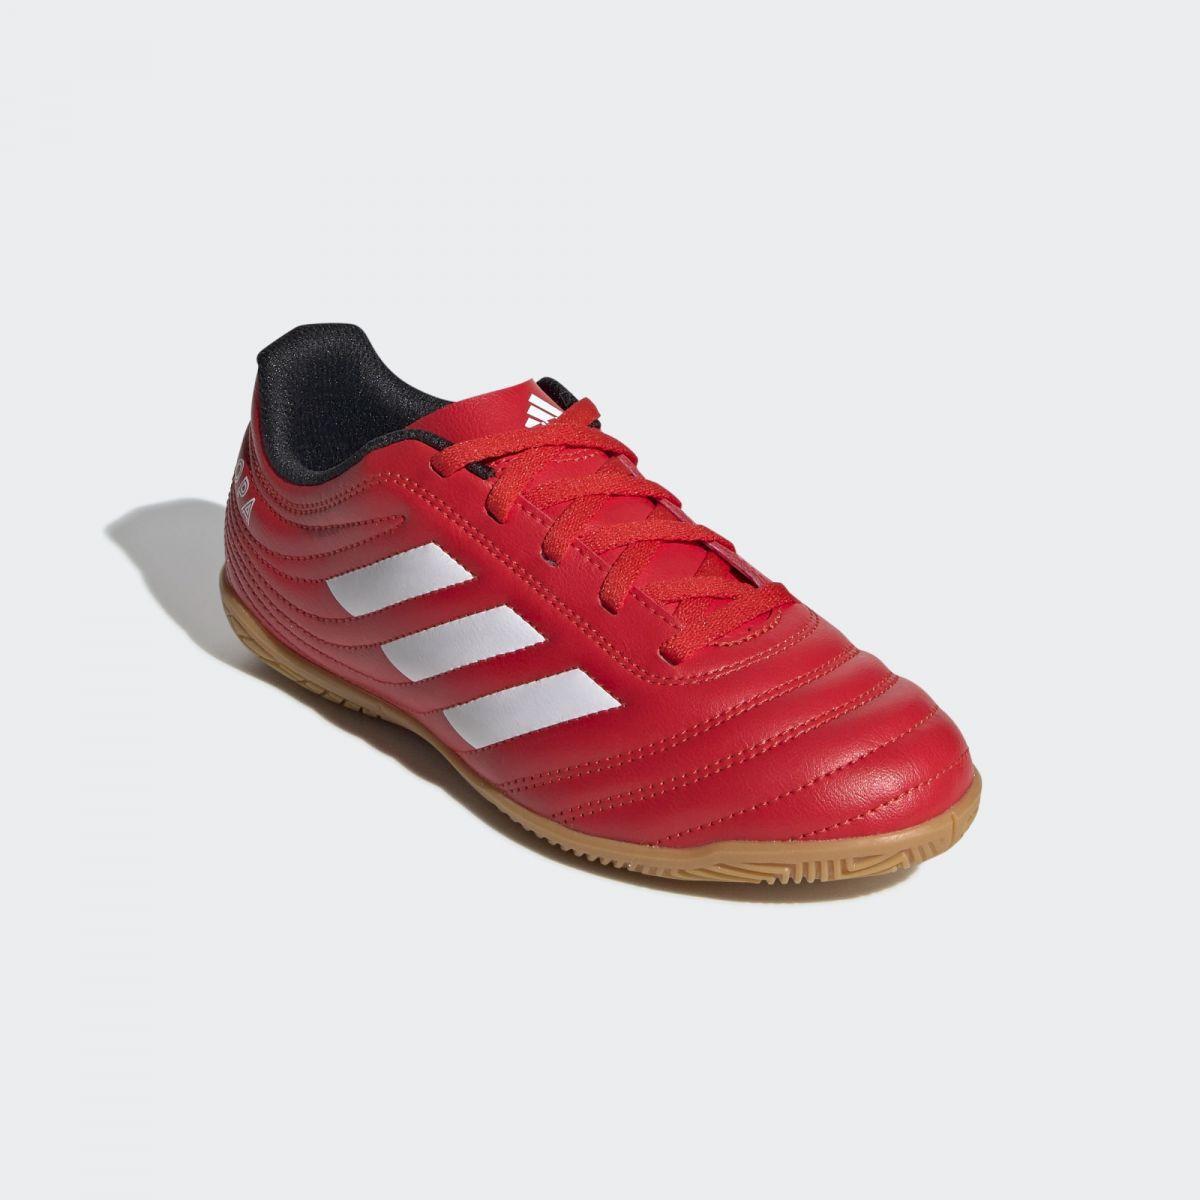 Adidas Copa 20.4 IN GS (EF1928)